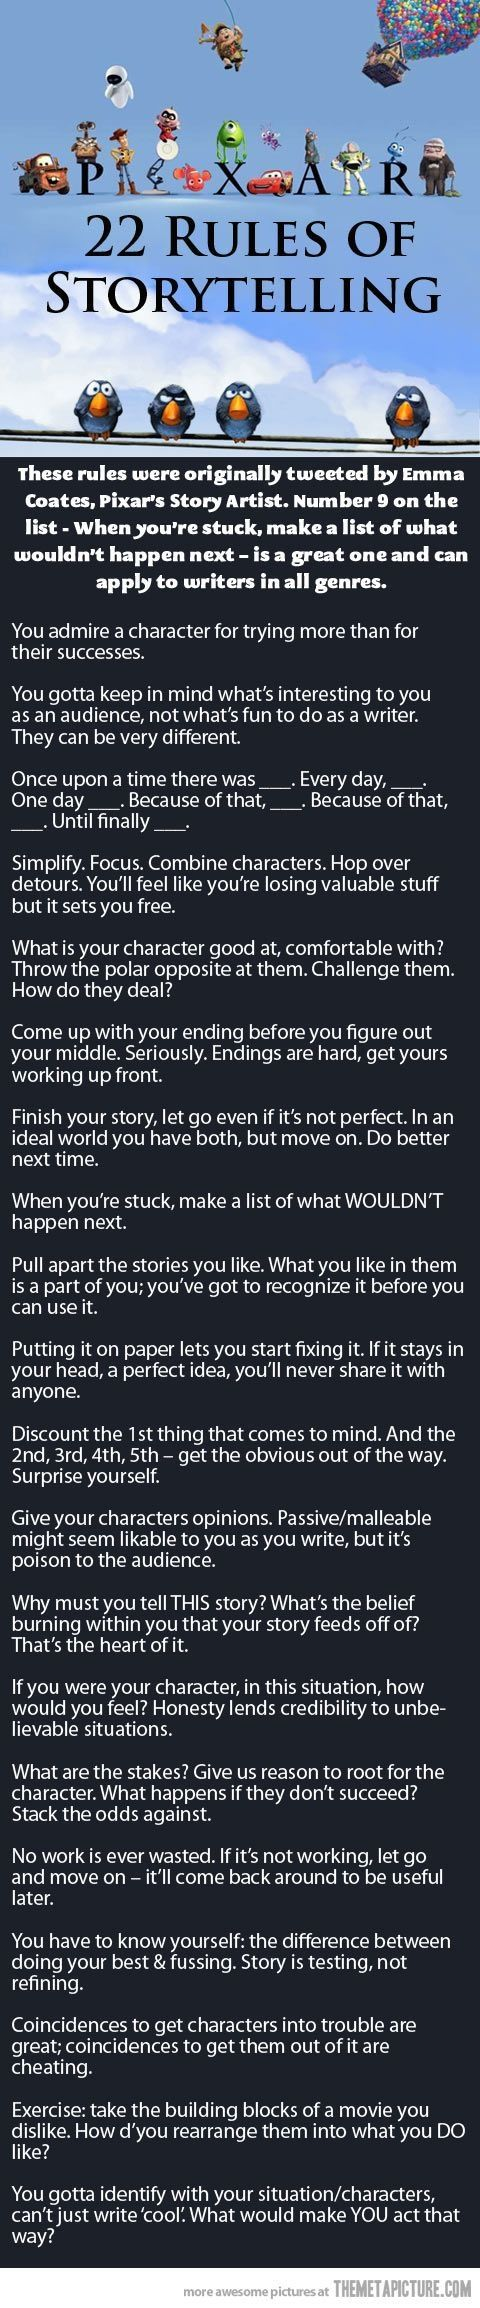 Disney's 22 rules for storytelling:)